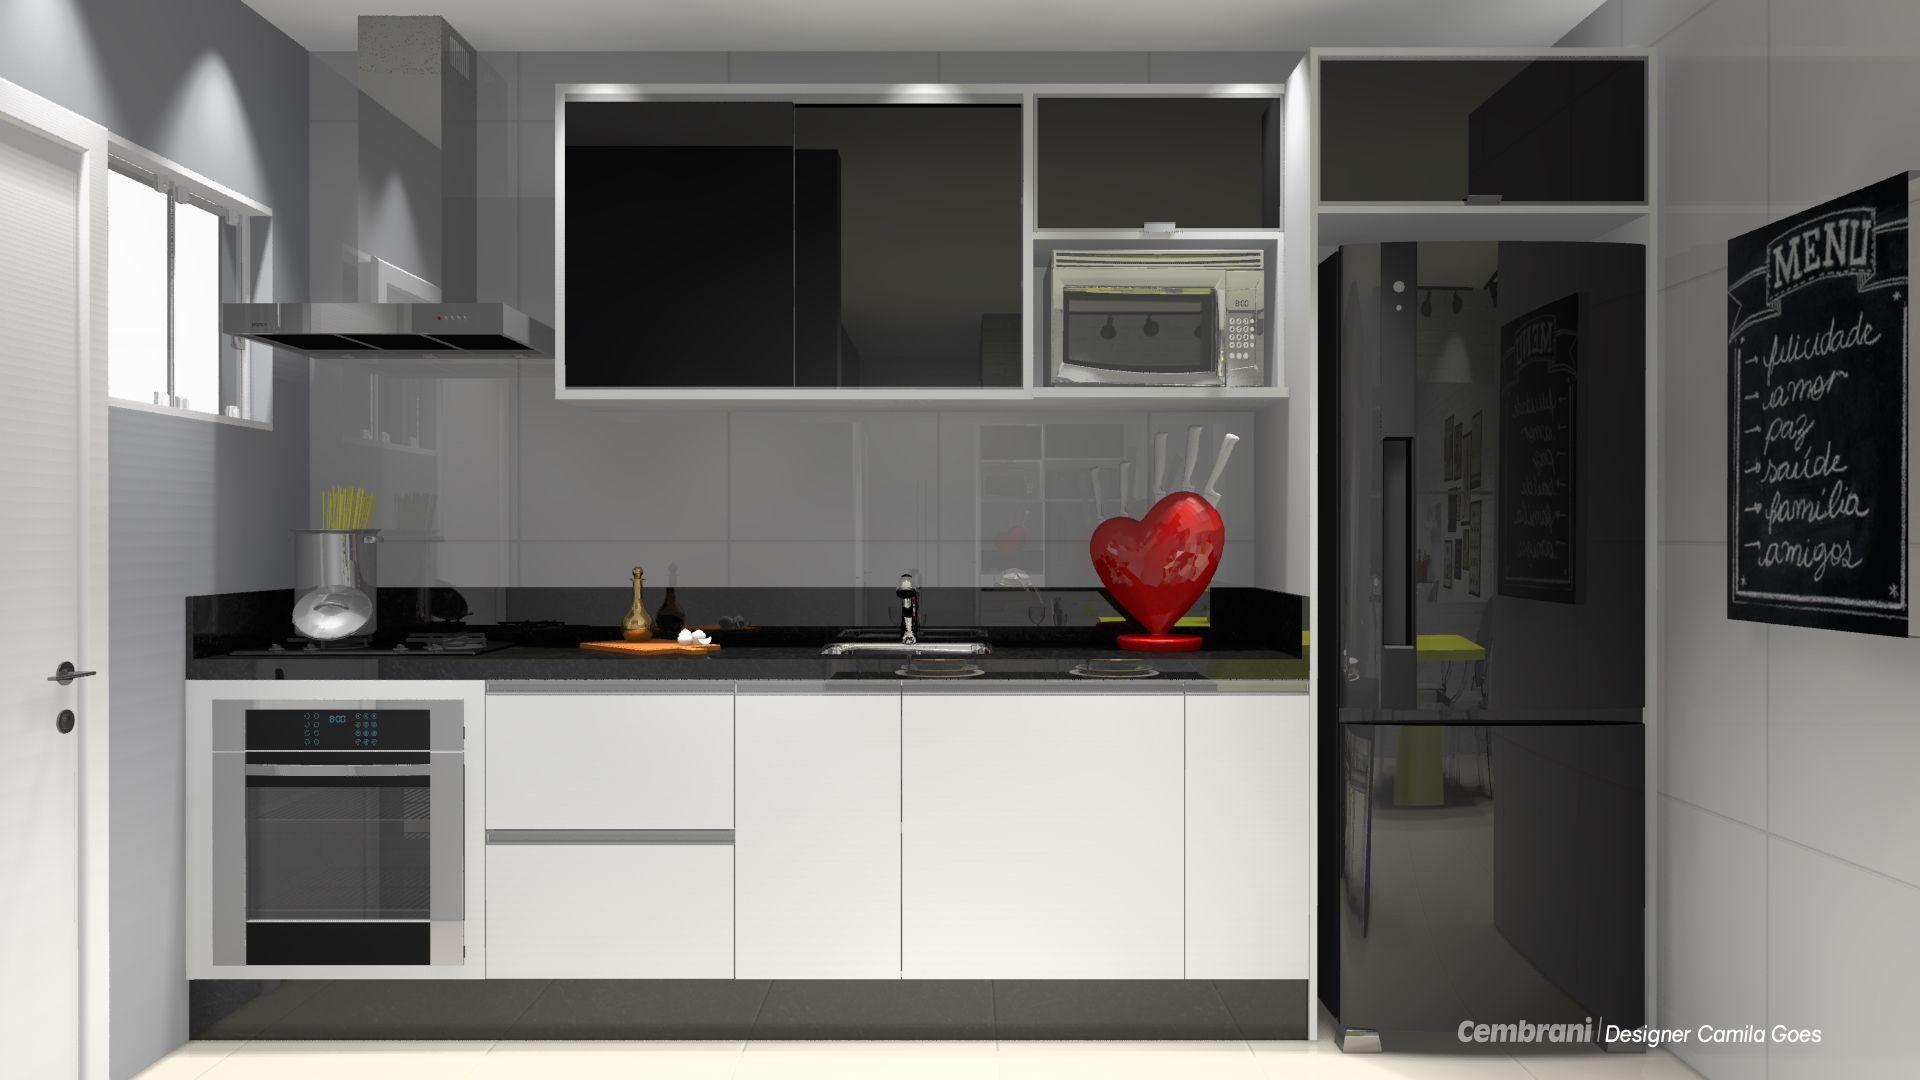 Decor Geladeira Preta Com Imagens Cozinha Branca Geladeira